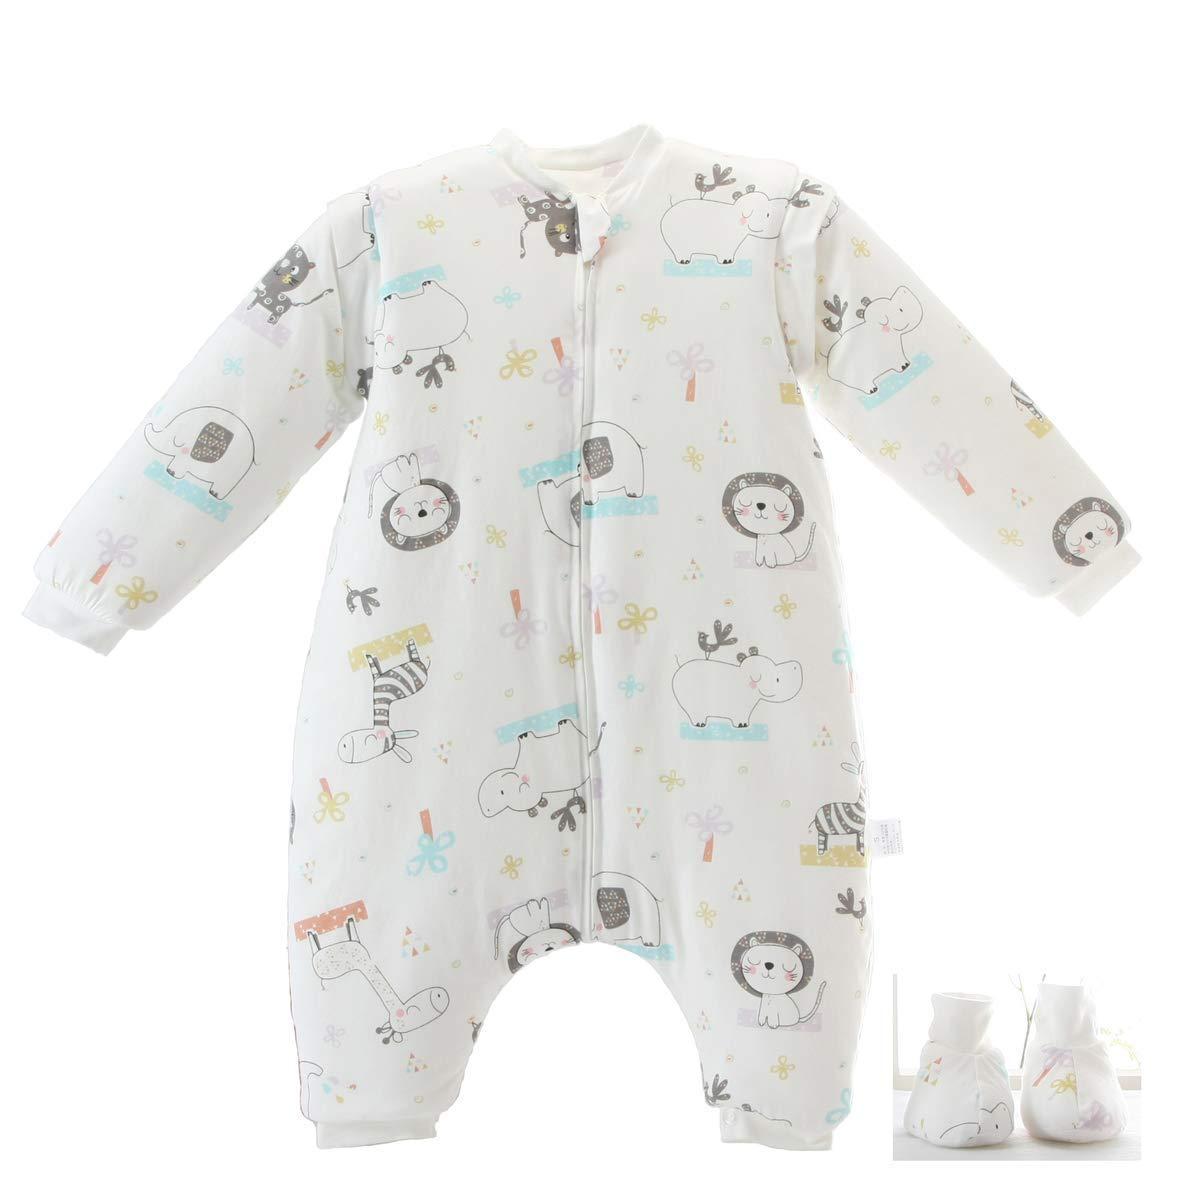 Sac de couchage hiver détachable à manches longues Jambes Doublure chaude Sac de couchage 3.5 Tog Convient aux enfants de 0 à 4 ans KLUME